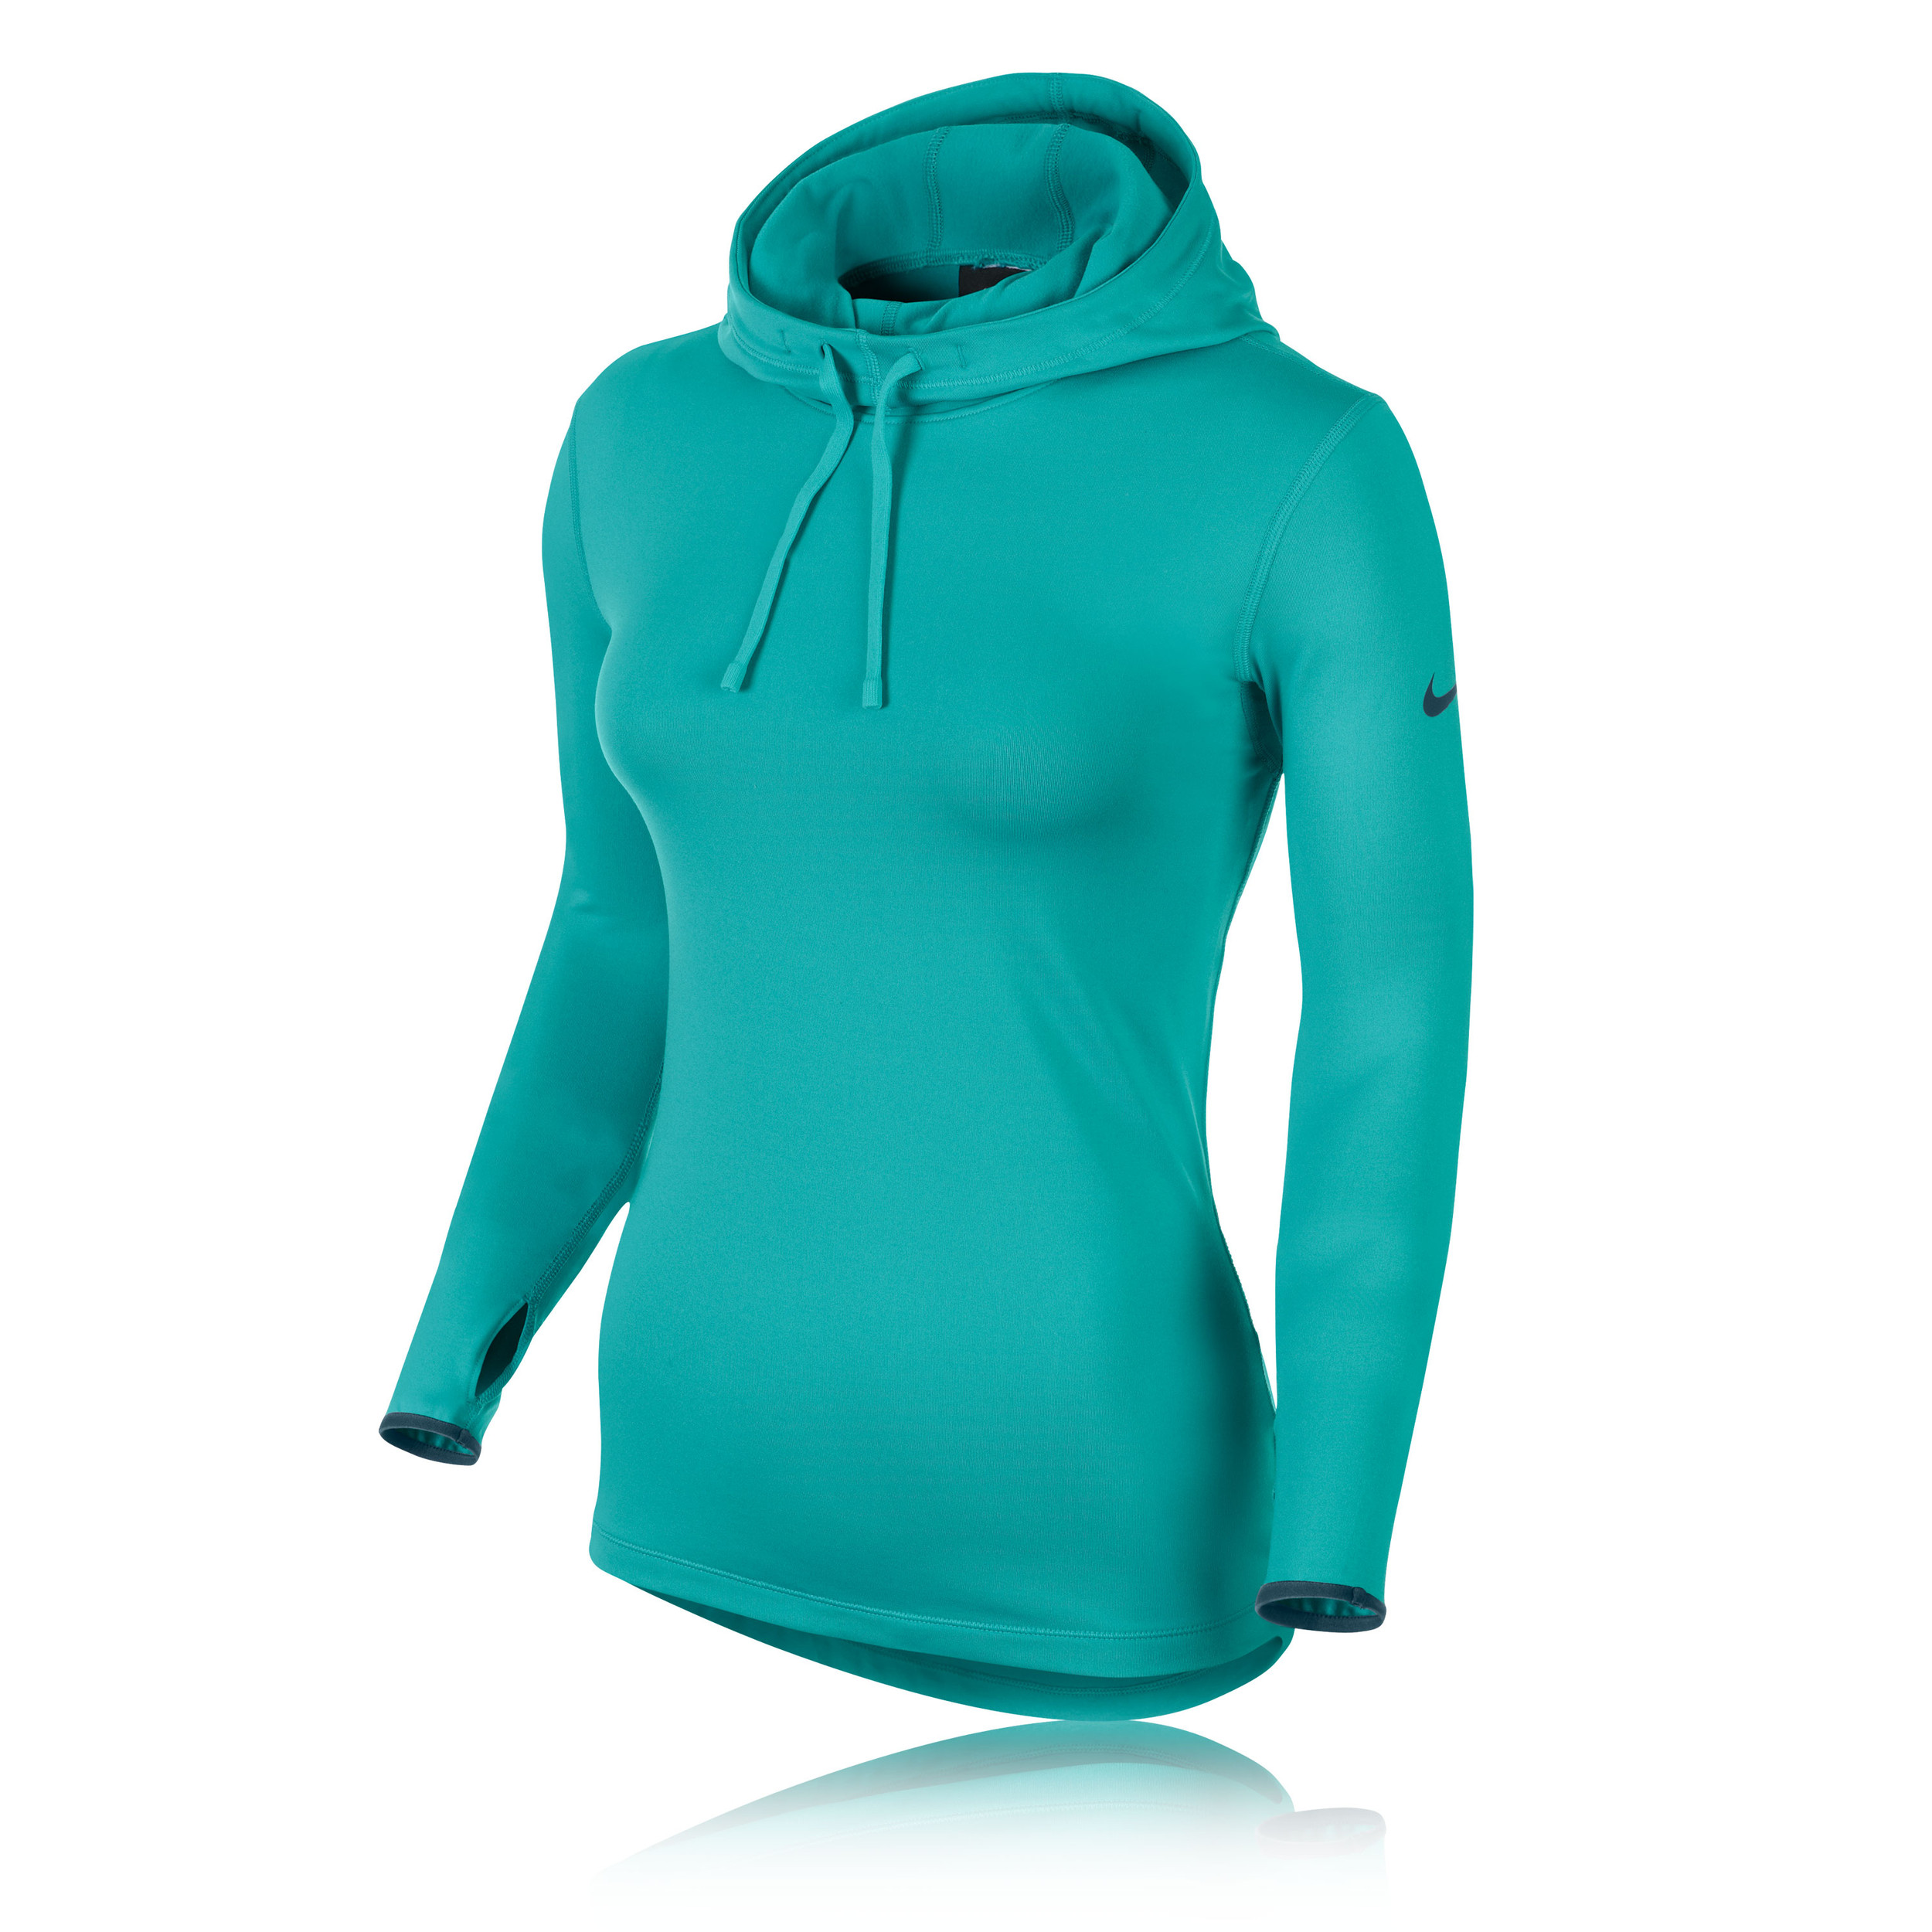 Nike Pro Hyperwarm Women 39 S Long Sleeve Hooded Top Ho14